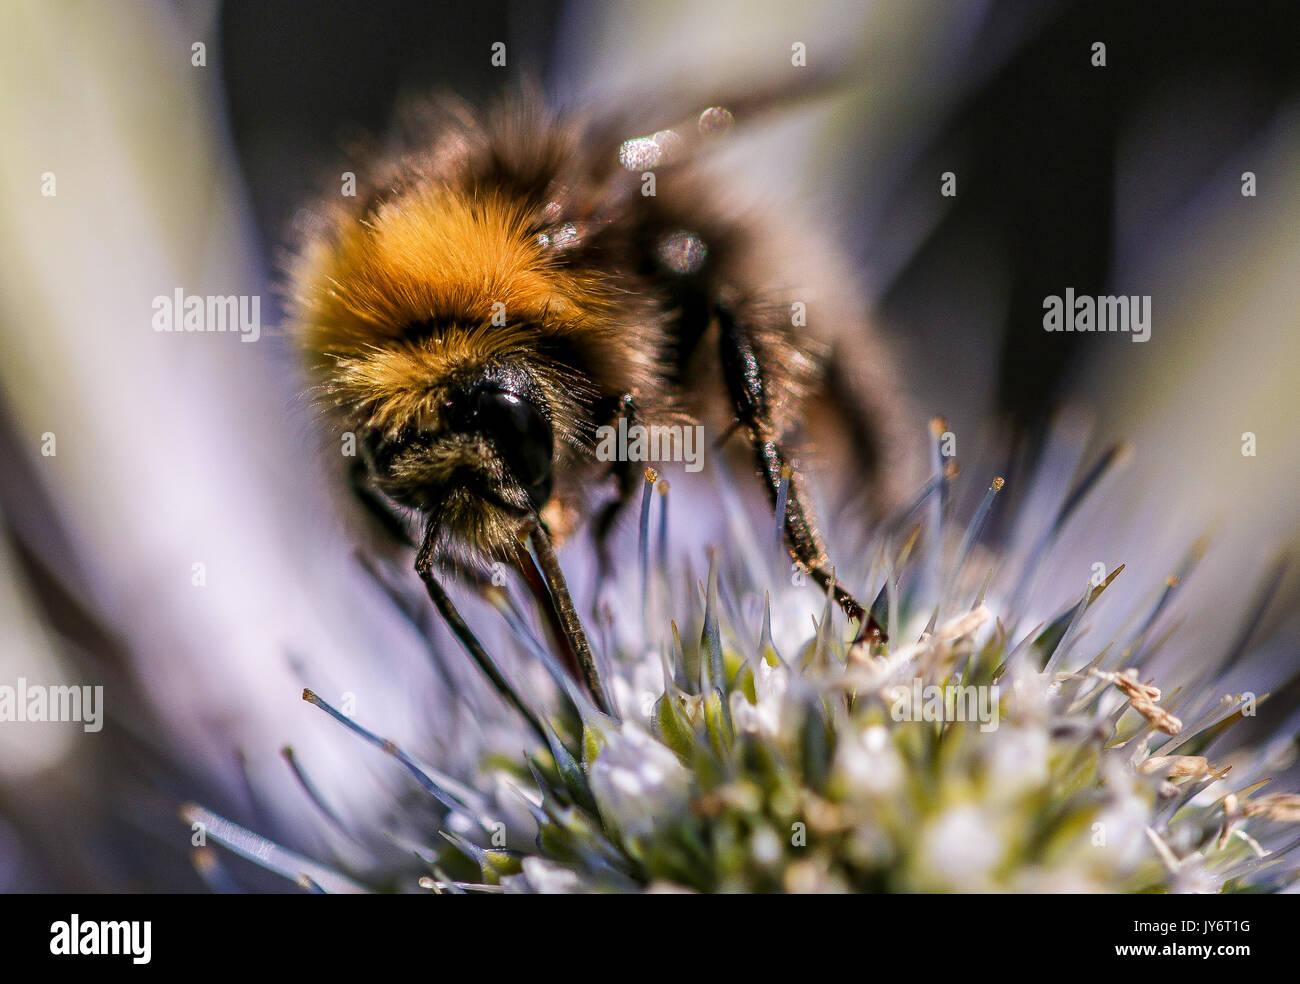 Una chiusura del miele delle api getting polline da Eryngium capolino, Shepperton, Surrey, Inghilterra U.K. Immagini Stock